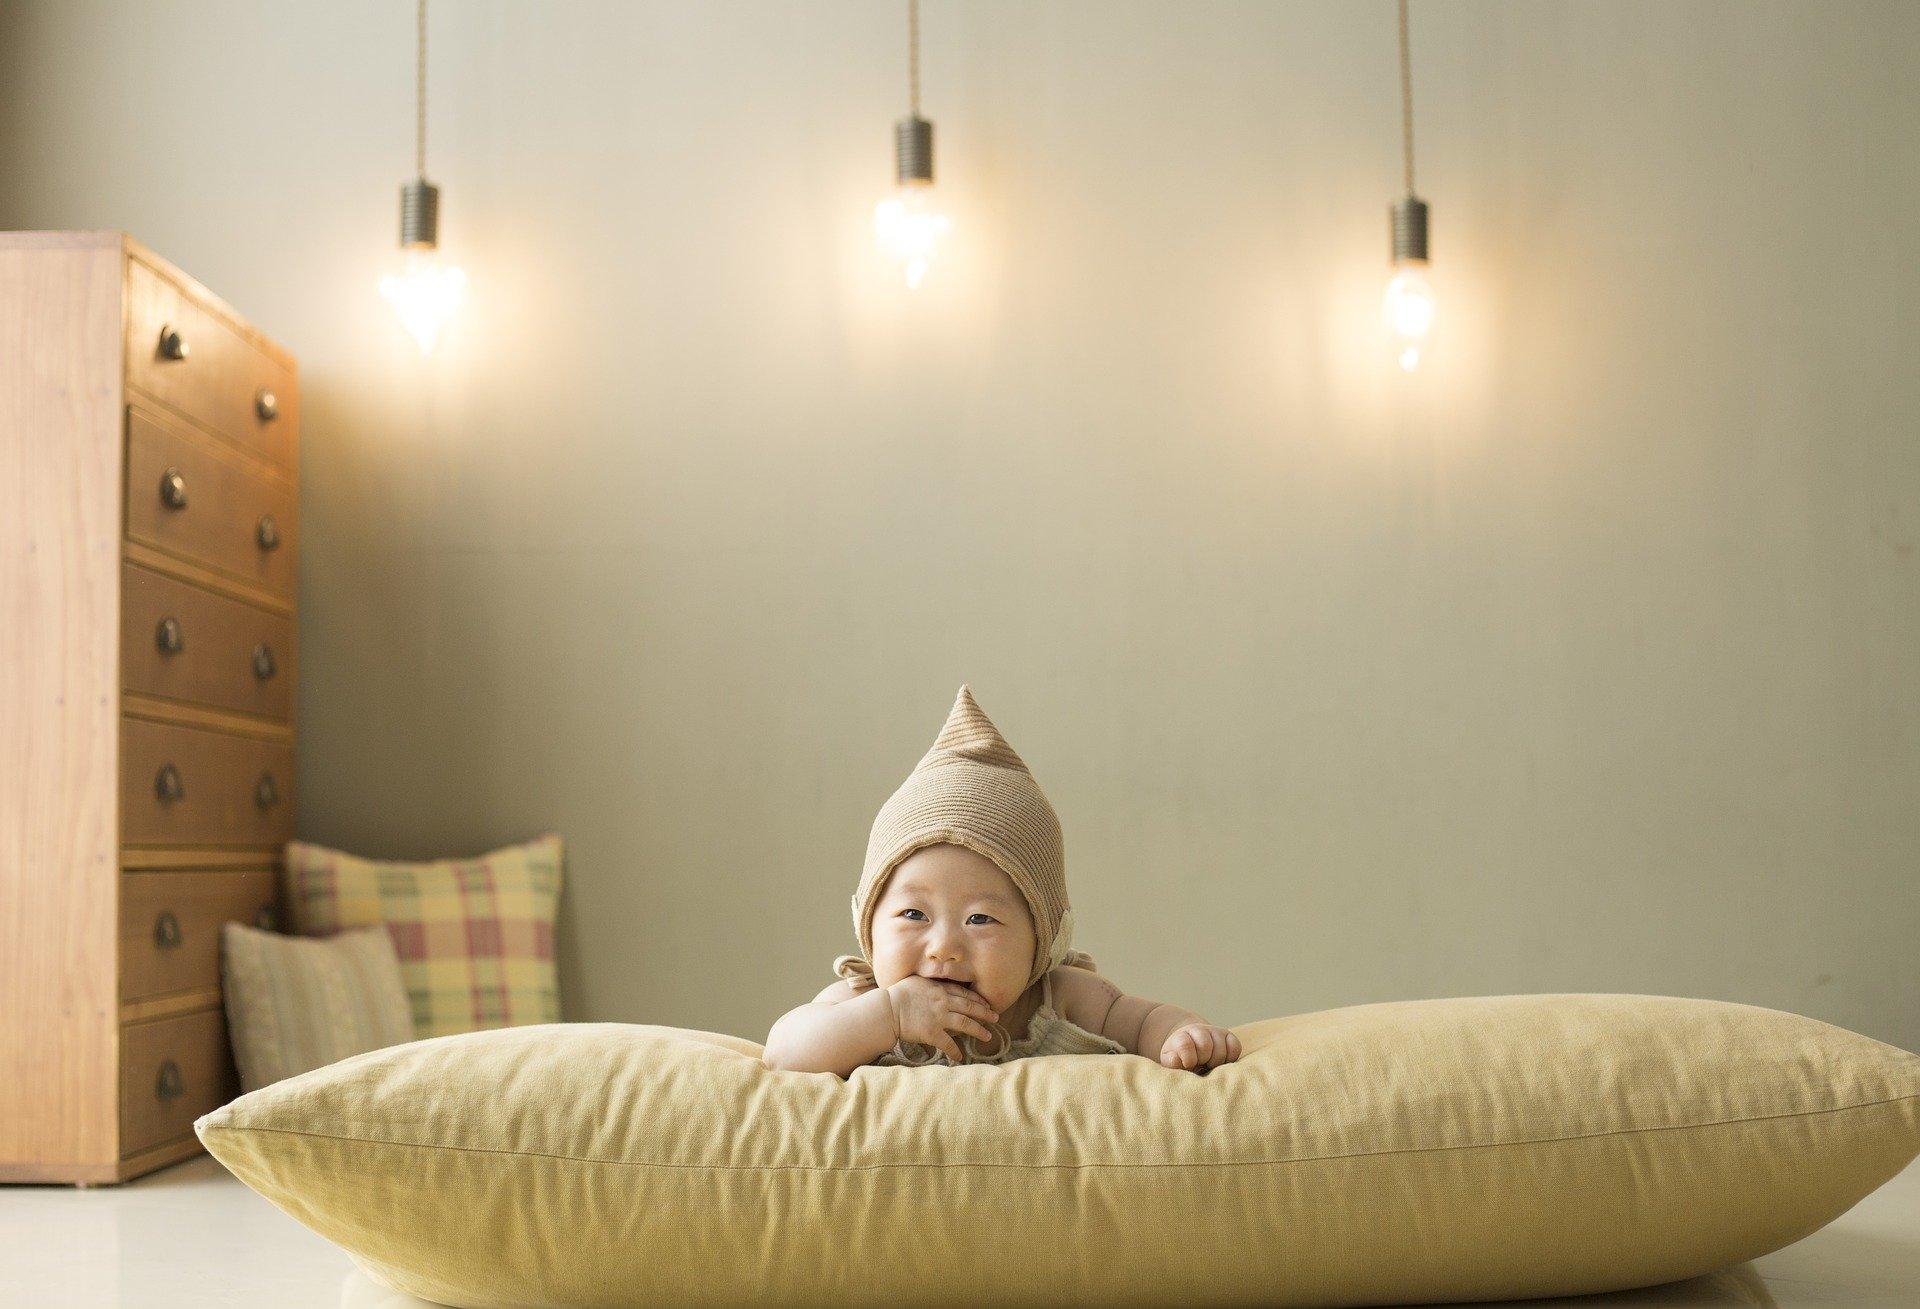 baby-4116187_1920